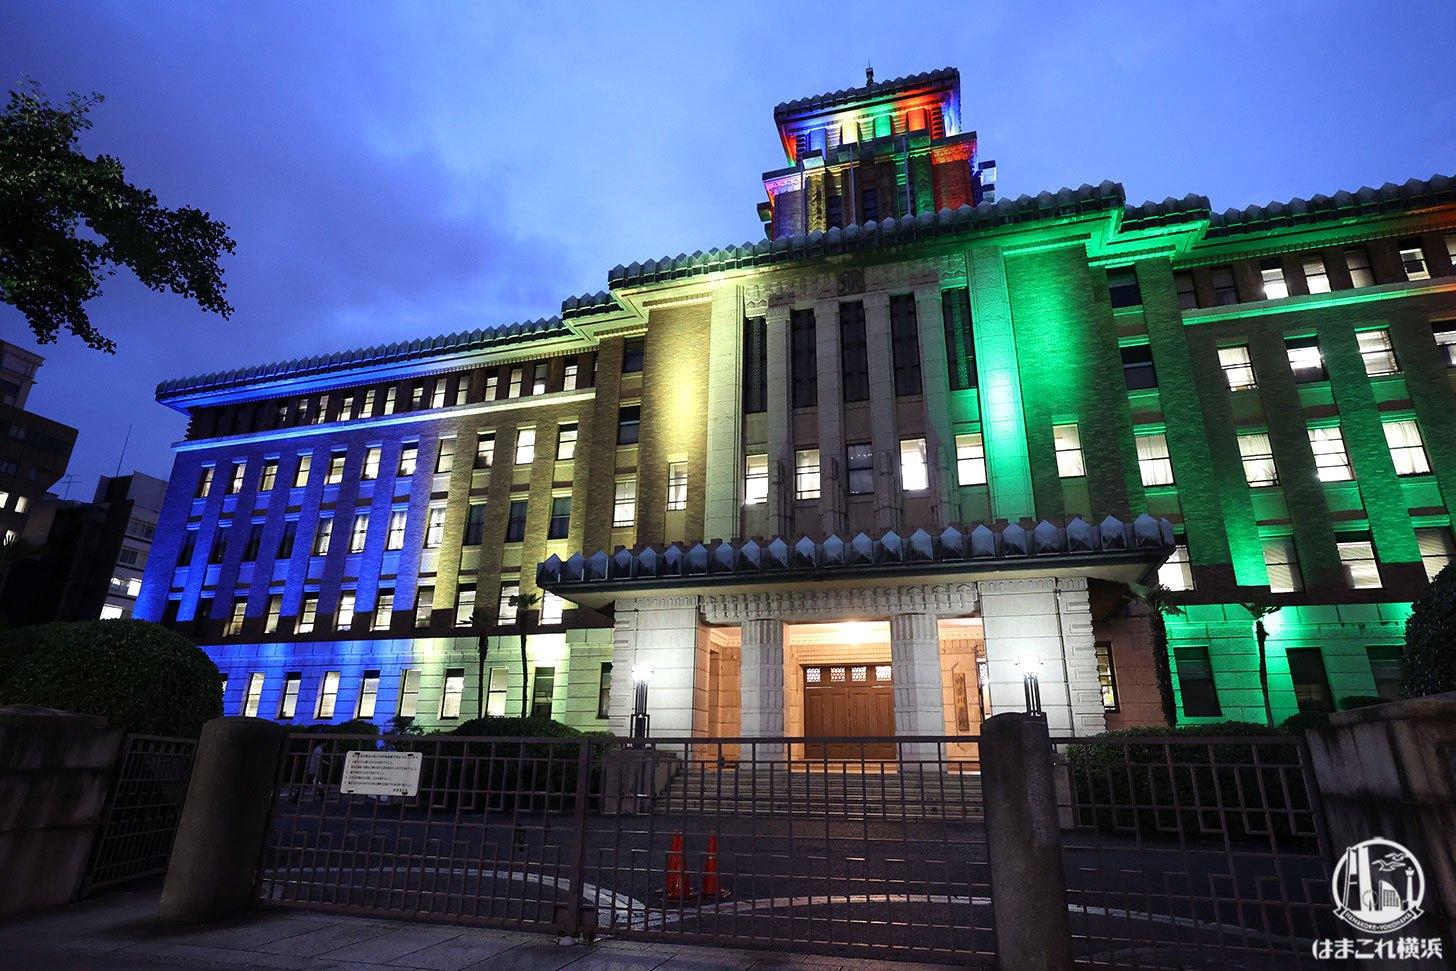 神奈川県庁 東京2020オリンピック仕様のライトアップ 別角度